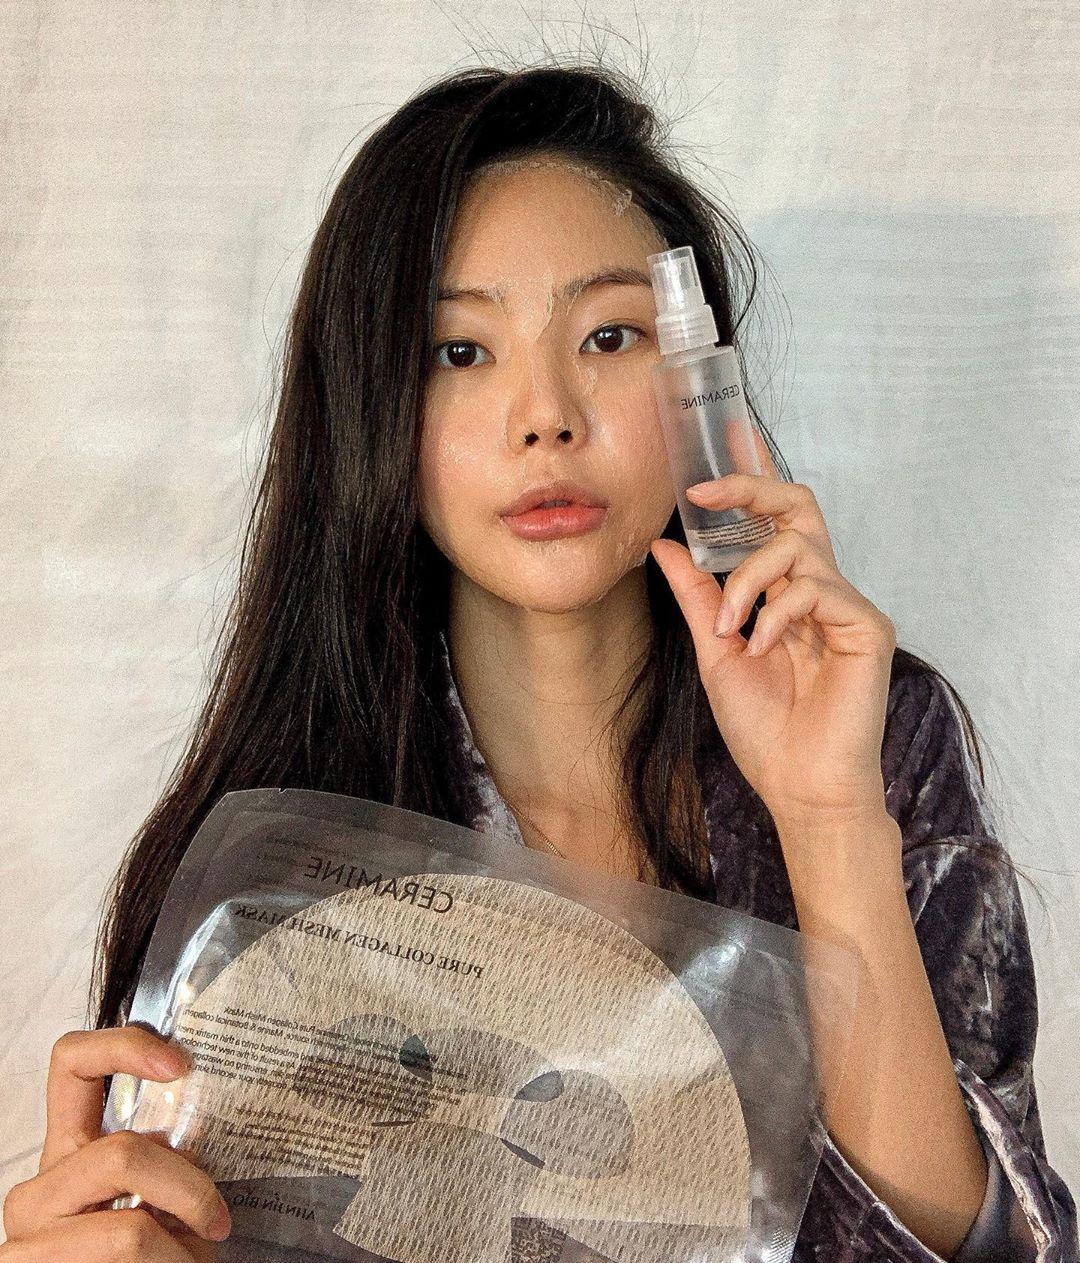 Chuyên gia lên lịch chăm sóc da cho cô dâu, quan trọng nhất là tips đắp mặt nạ và uống nước vào ngày cưới-5